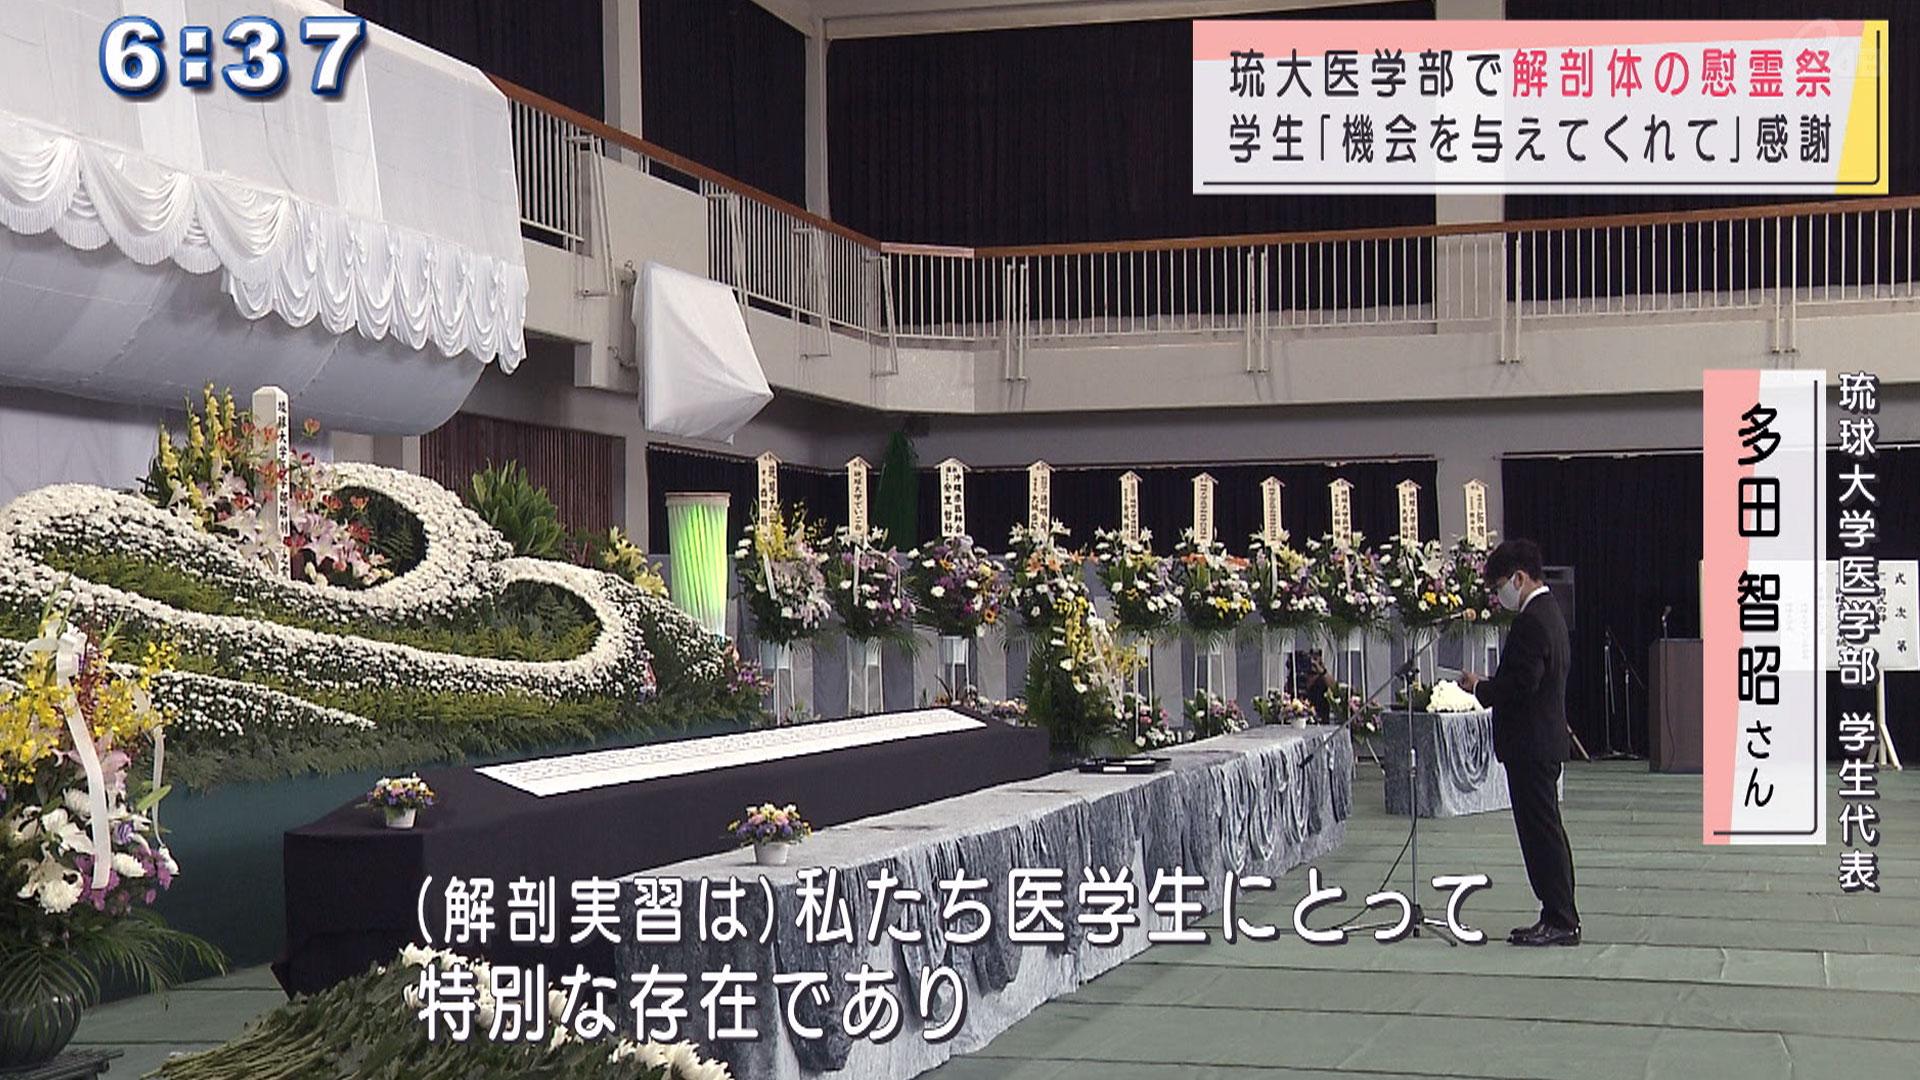 琉大で解剖体への感謝を込め慰霊祭